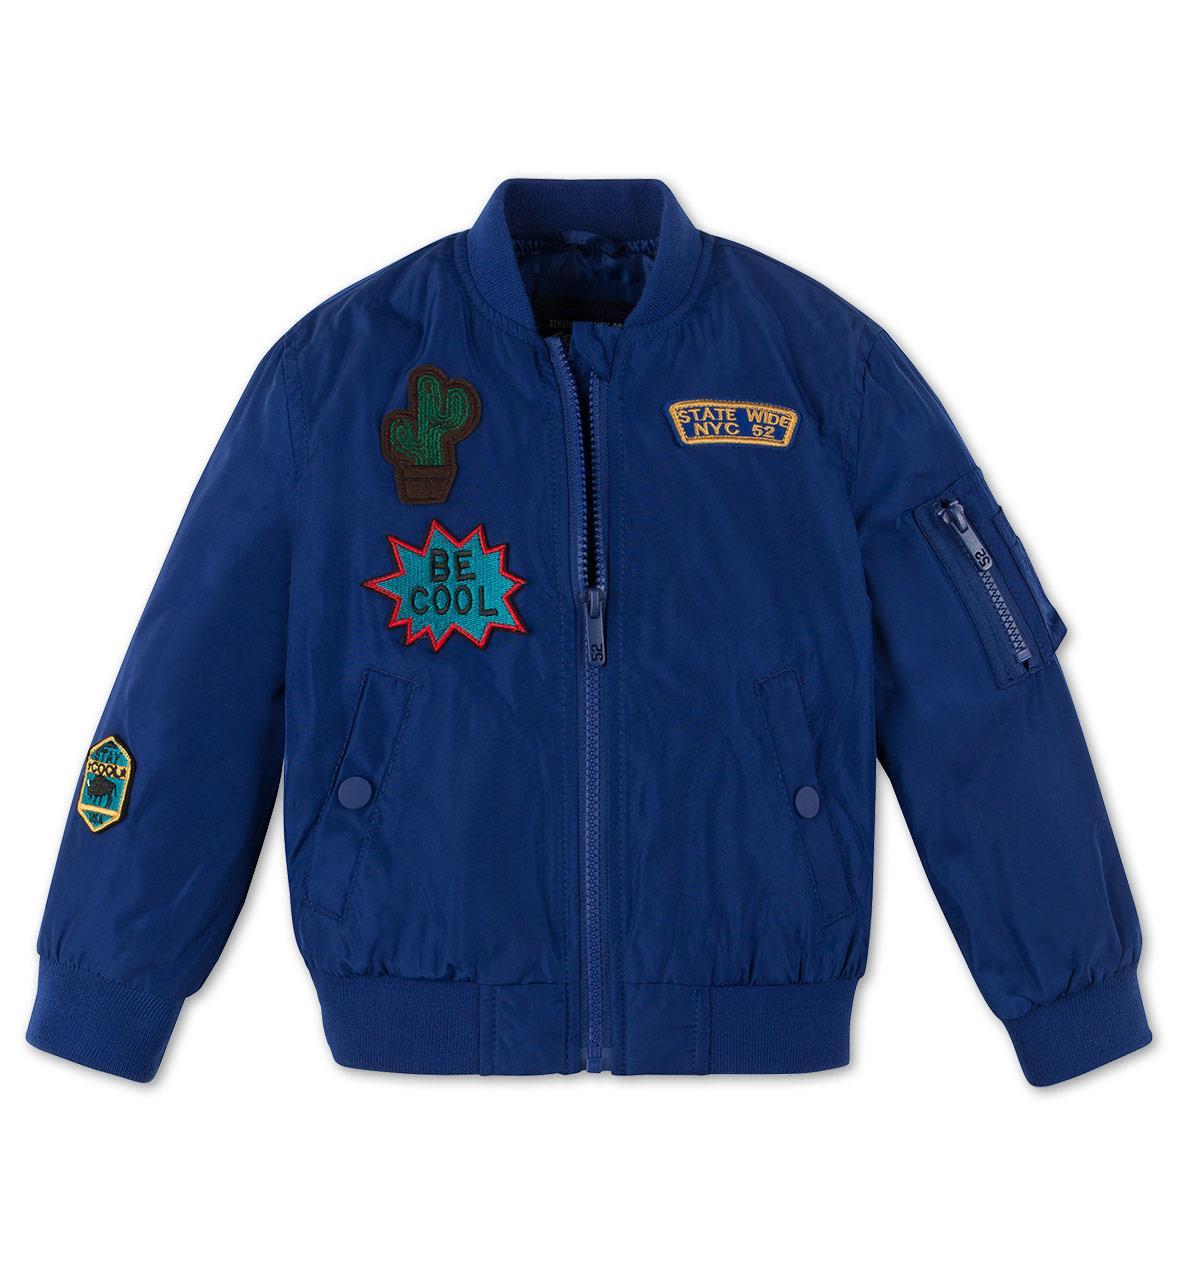 Стильная детская куртка с нашивками на мальчика C&A Германия Размер 116